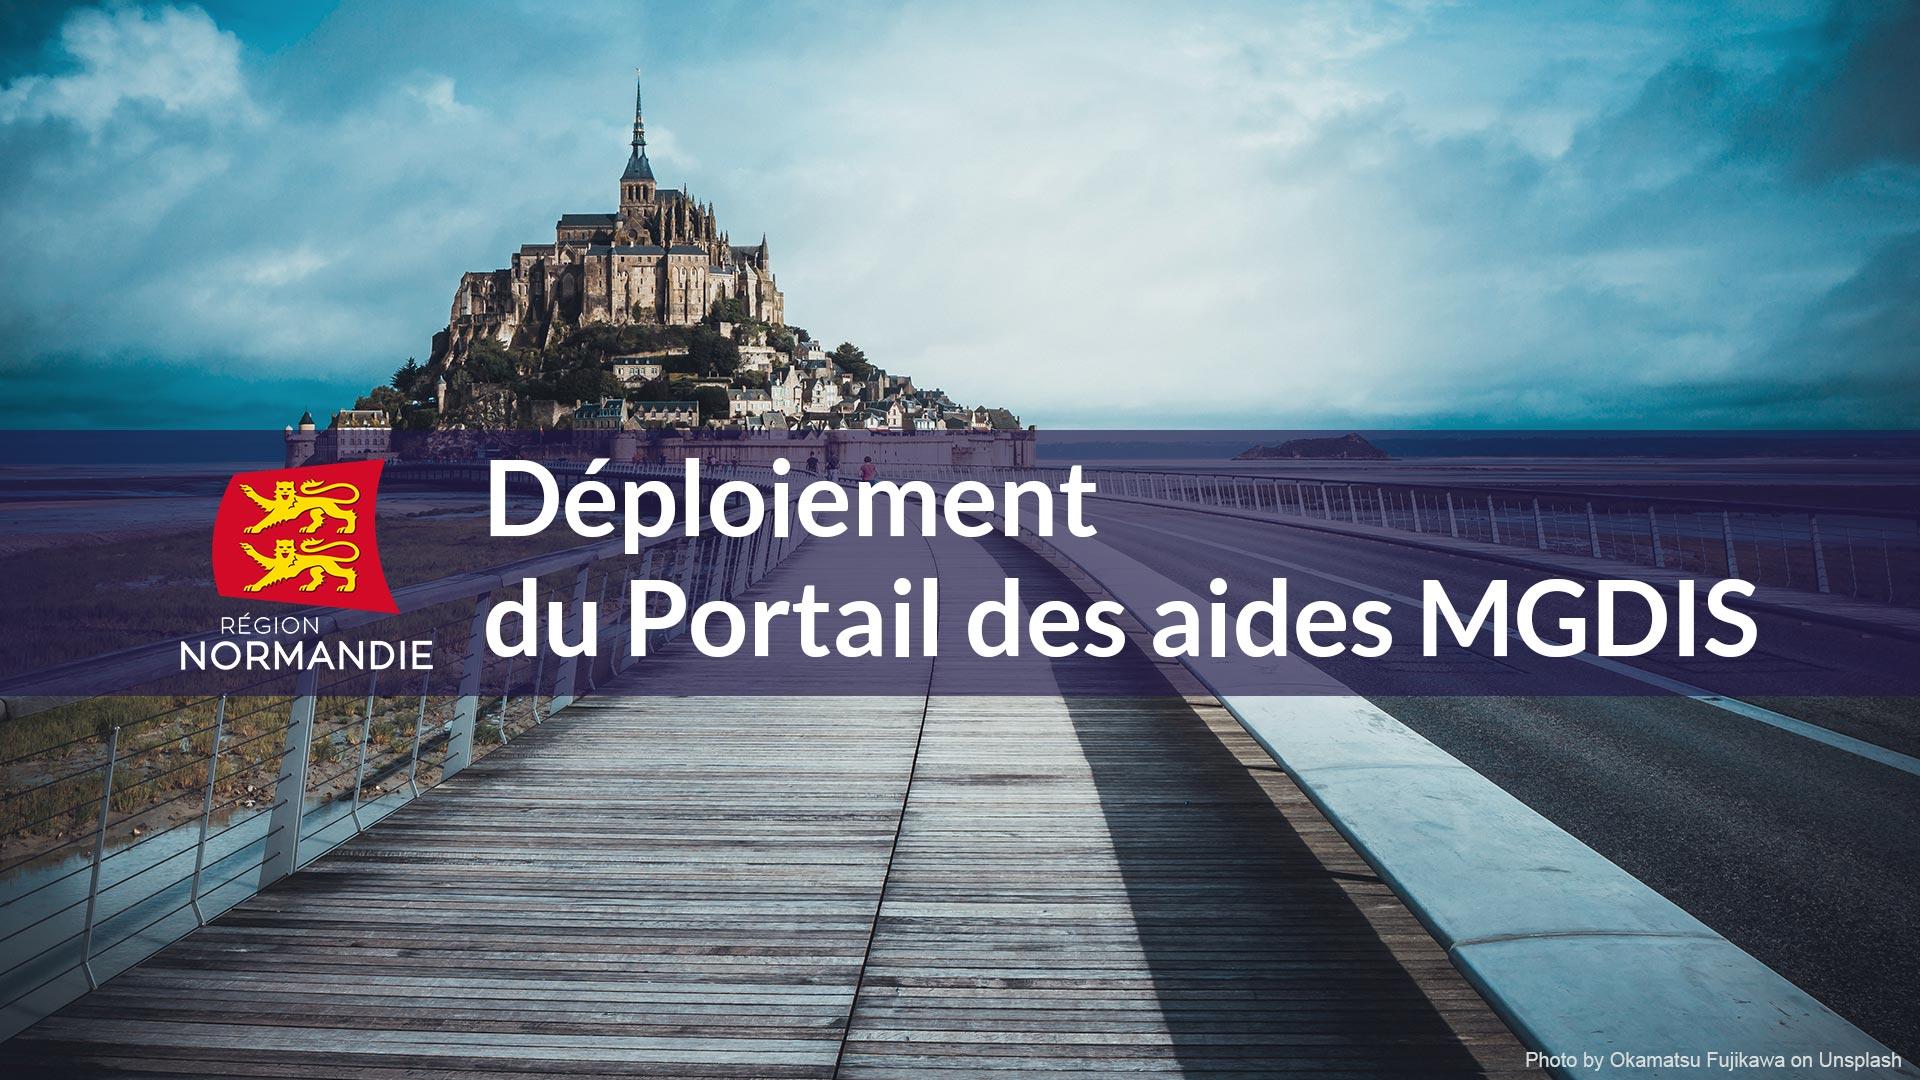 MGDIS-Normandie-deploiement-portail-des-aides